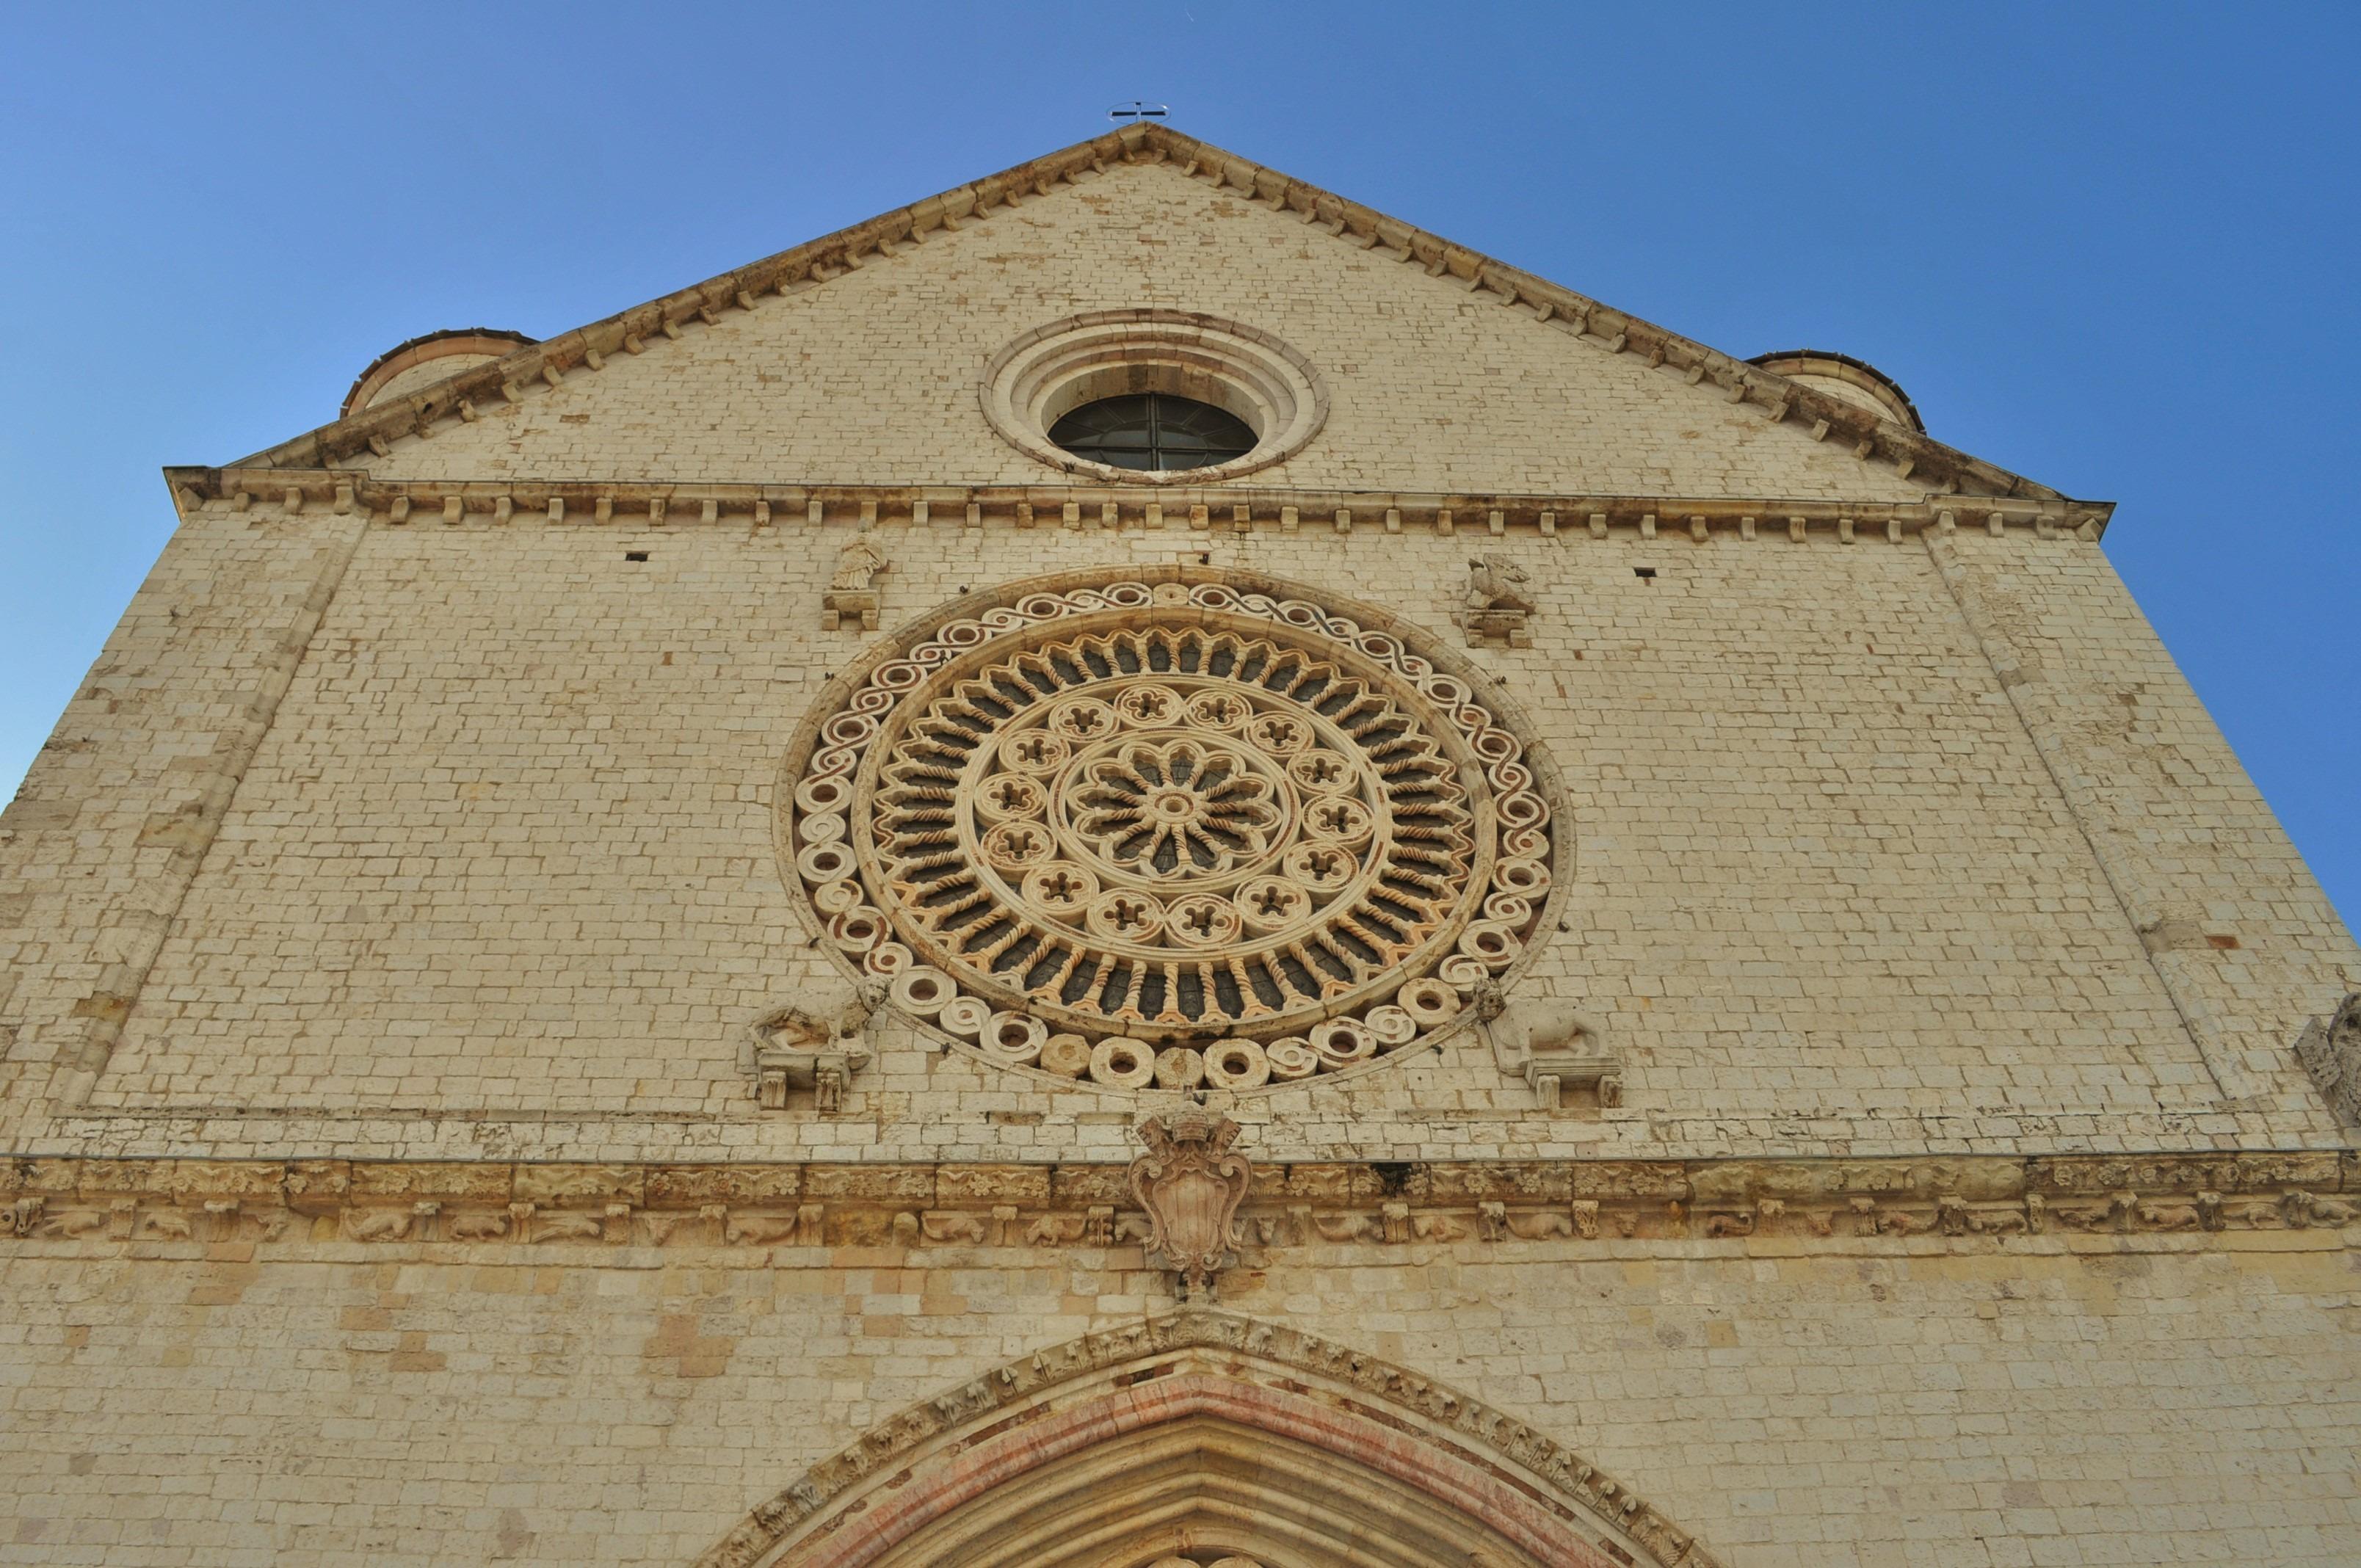 Състои се от две църкви - голяма и малка, изградени една върху друга , изрисувани с фрески от прословутия флорентински ренесансов художник Джото.